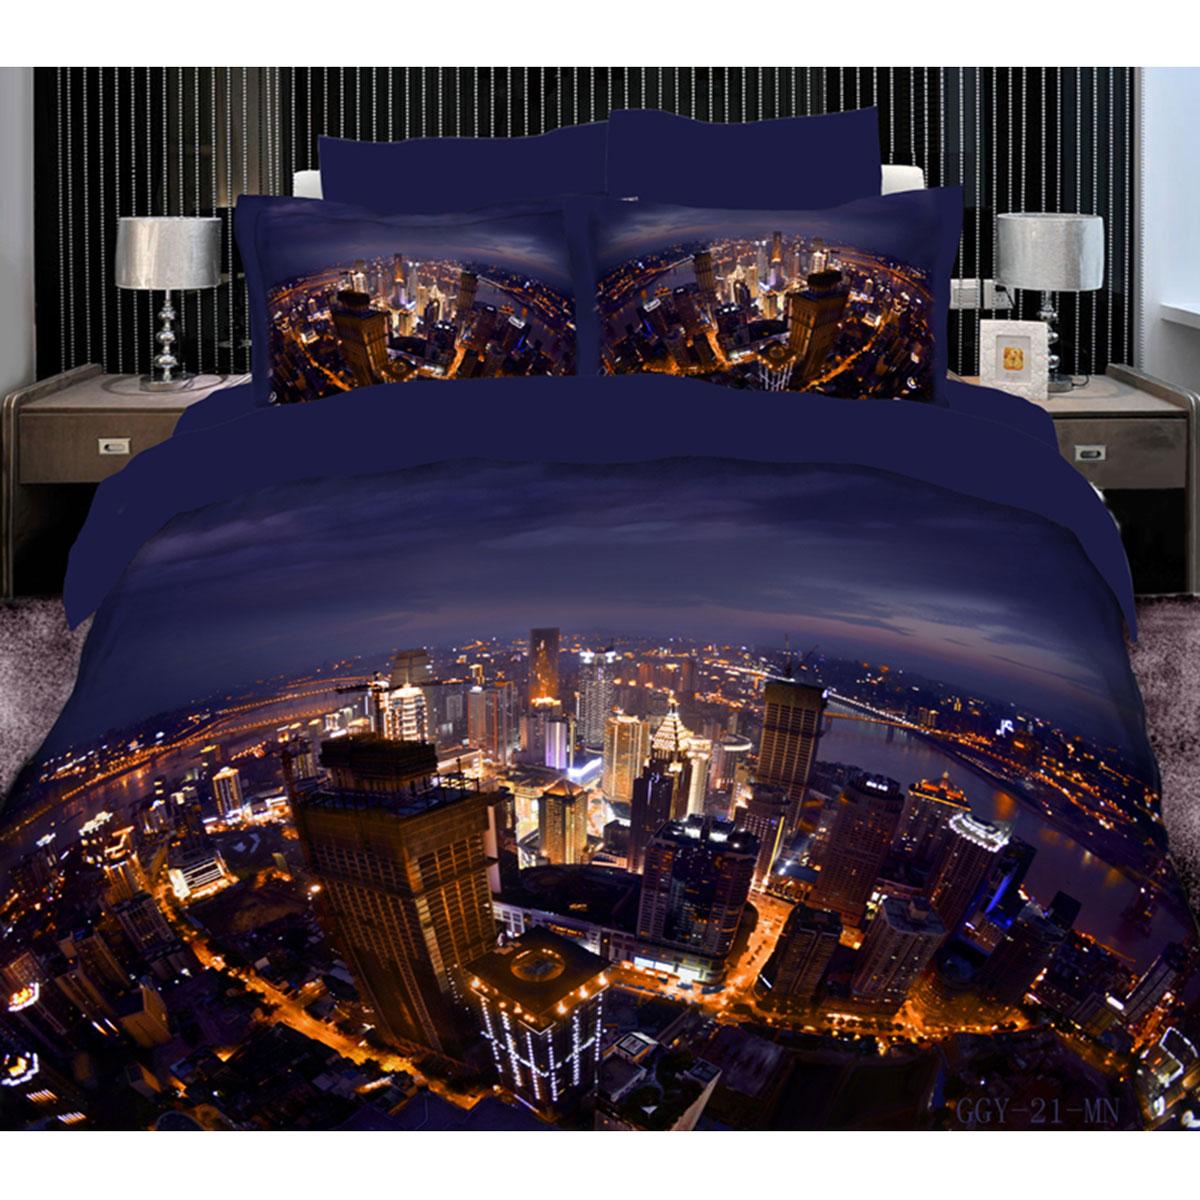 Постельное белье Коллекция Ночной город (Евро КПБ, сатин рамочный с эффектом 3D, наволочки 50х70)109_ЭлегияКомплект постельного белья Коллекция Ночной город, изготовленный из рамочного сатина, поможет вам расслабиться и подарит спокойный сон. Постельное белье, оформленное 3D-изображением ночного города, имеет изысканный внешний вид и обладает яркостью и сочностью цвета. Комплект состоит из пододеяльника на молнии, простыни и двух наволочек с ушами. Благодаря такому комплекту постельного белья вы сможете создать атмосферу уюта и комфорта в вашей спальне.Сатин производится из высших сортов хлопка, а своим блеском, легкостью и на ощупь напоминает шелк. Такая ткань рассчитана на 200 стирок и более. Постельное белье из сатина превращает жаркие летние ночи в прохладные и освежающие, а холодные зимние - в теплые и согревающие. Благодаря натуральному хлопку, комплект постельного белья из сатина приобретает способность пропускать воздух, давая возможность телу дышать. Одно из преимуществ материала в том, что он практически не мнется и ваша спальня всегда будет аккуратной и нарядной. Характеристики: Страна: Россия. Материал: сатин (100% хлопок). Размер упаковки: 35 см х 30 см х 8 см. В комплект входят: Пододеяльник - 1 шт. Размер: 200 см х 220 см. Простыня - 1 шт. Размер: 240 см х 240 см. Наволочка с ушами - 2 шт. Размер: 50 см х 70 см. Высокие свойства белья торговой марки Коллекция основаны на умелом использовании вековых традиций и современных технологий производства и обработки тканей. Качество исходных материалов, внимание к деталям отделки, отличный пошив, воплощение новейших тенденций мировой моды позволяют постельному белью гармонично влиться в современное жизненное пространство и подарить ощущения удовольствия и комфорта. УВАЖАЕМЫЕ КЛИЕНТЫ! Обращаем ваше внимание, на тот факт, что изображенный на фотографии комплект постельного белья служит для демонстрации целого комплекта. Производитель оставляет за собой право без предупреждения изменять расцветку наволочек (они м